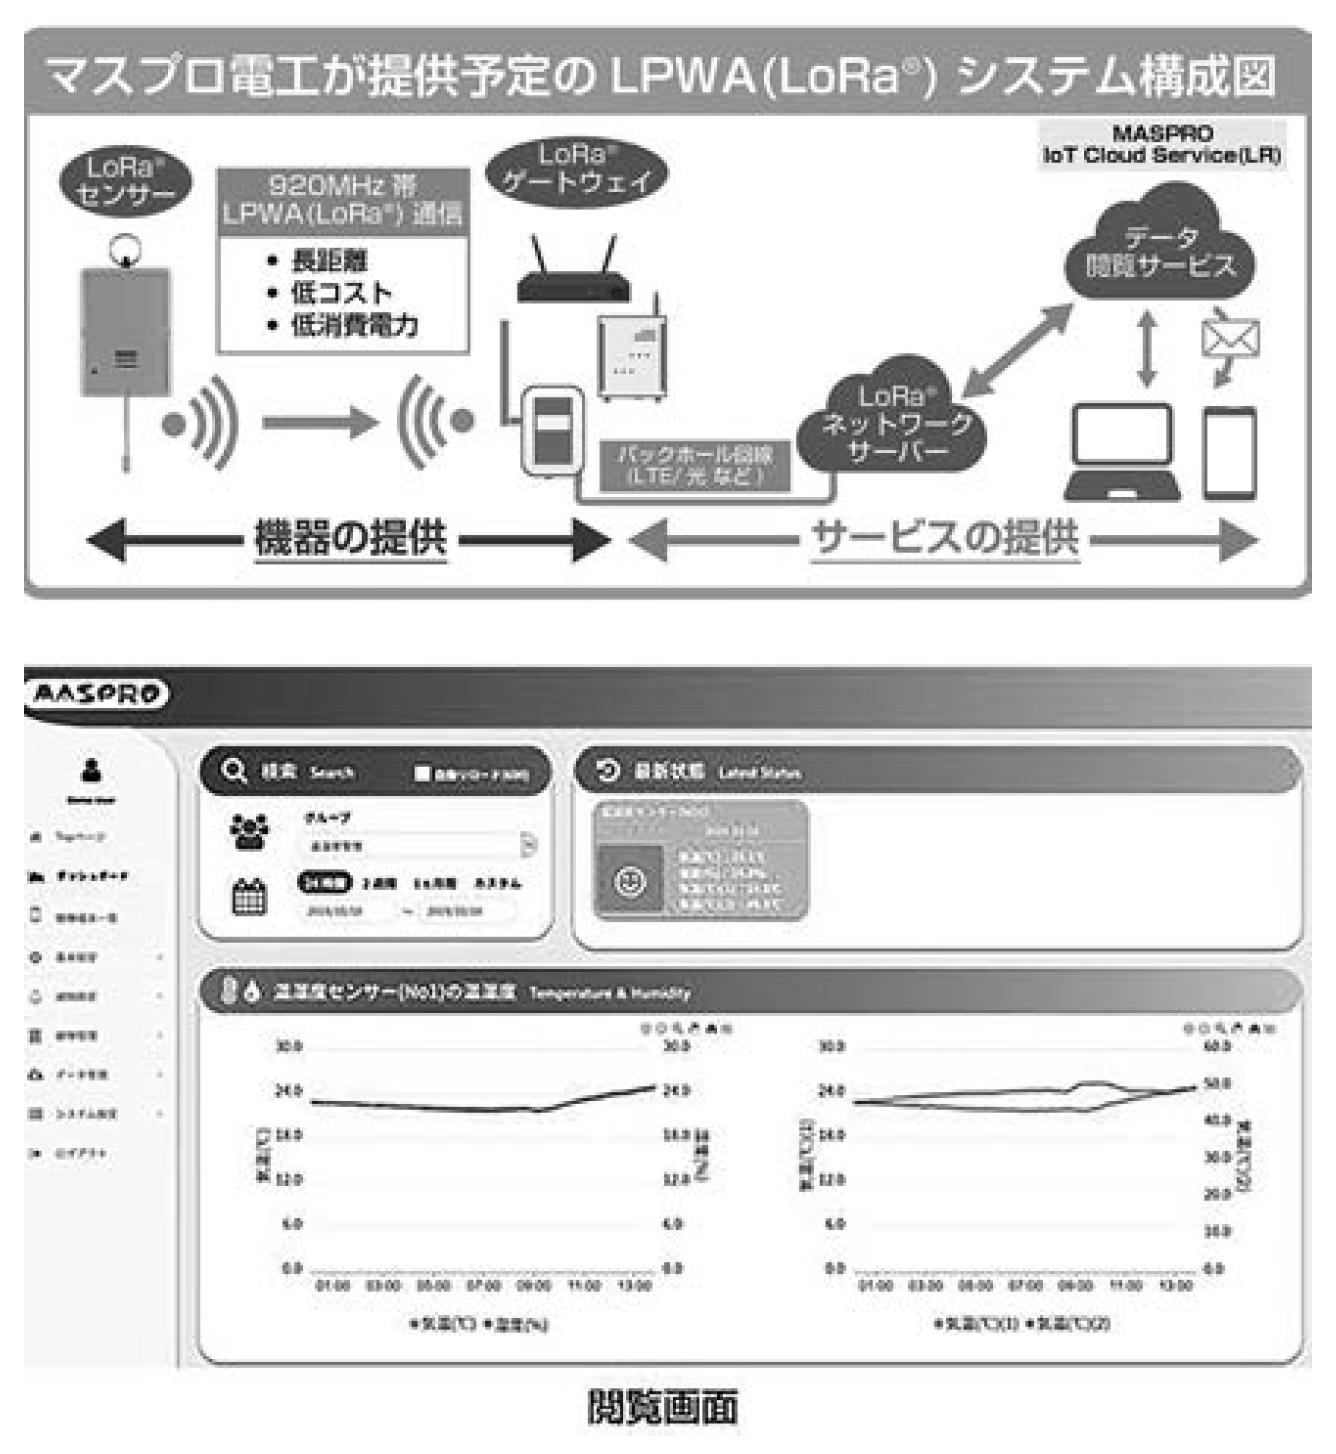 【マスプロ電工】LoRa®️方式に対応する機器 販売と独自データ閲覧を提供 サービスの画像